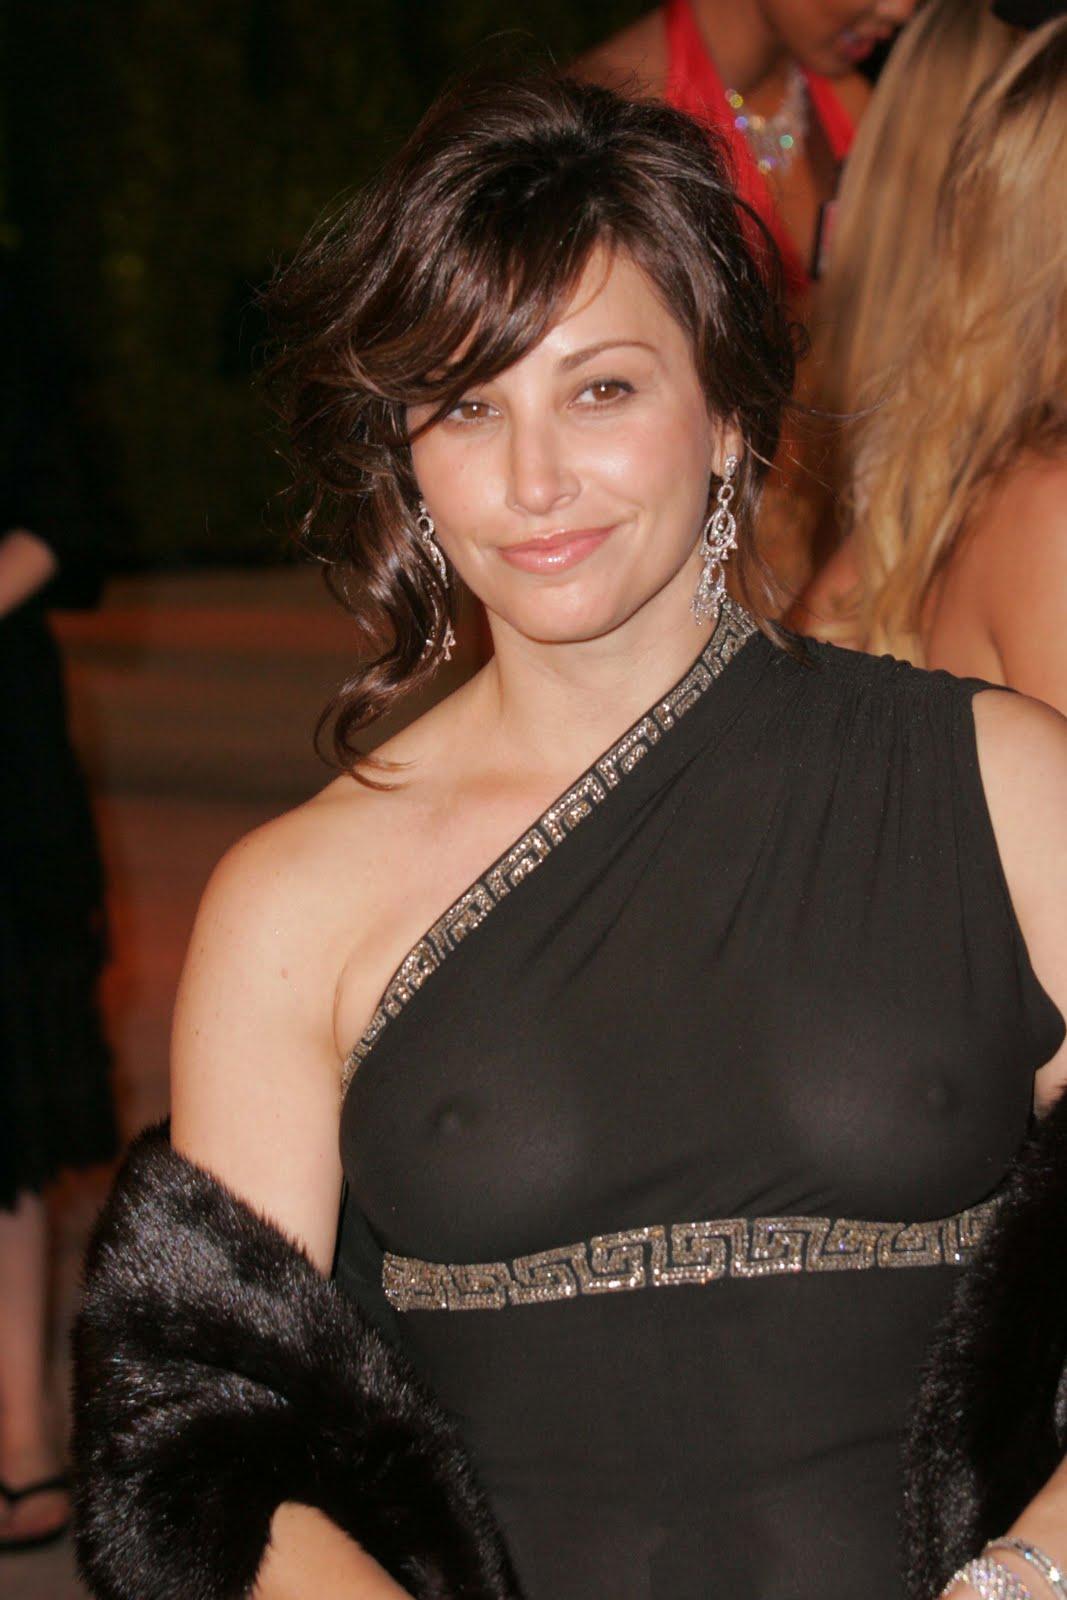 http://2.bp.blogspot.com/_JFX5_9i0Xng/S_fZspjC7iI/AAAAAAAAEDM/ZBYI4SHBSLs/s1600/Gina_Gerson_Without_Bra+2.jpg